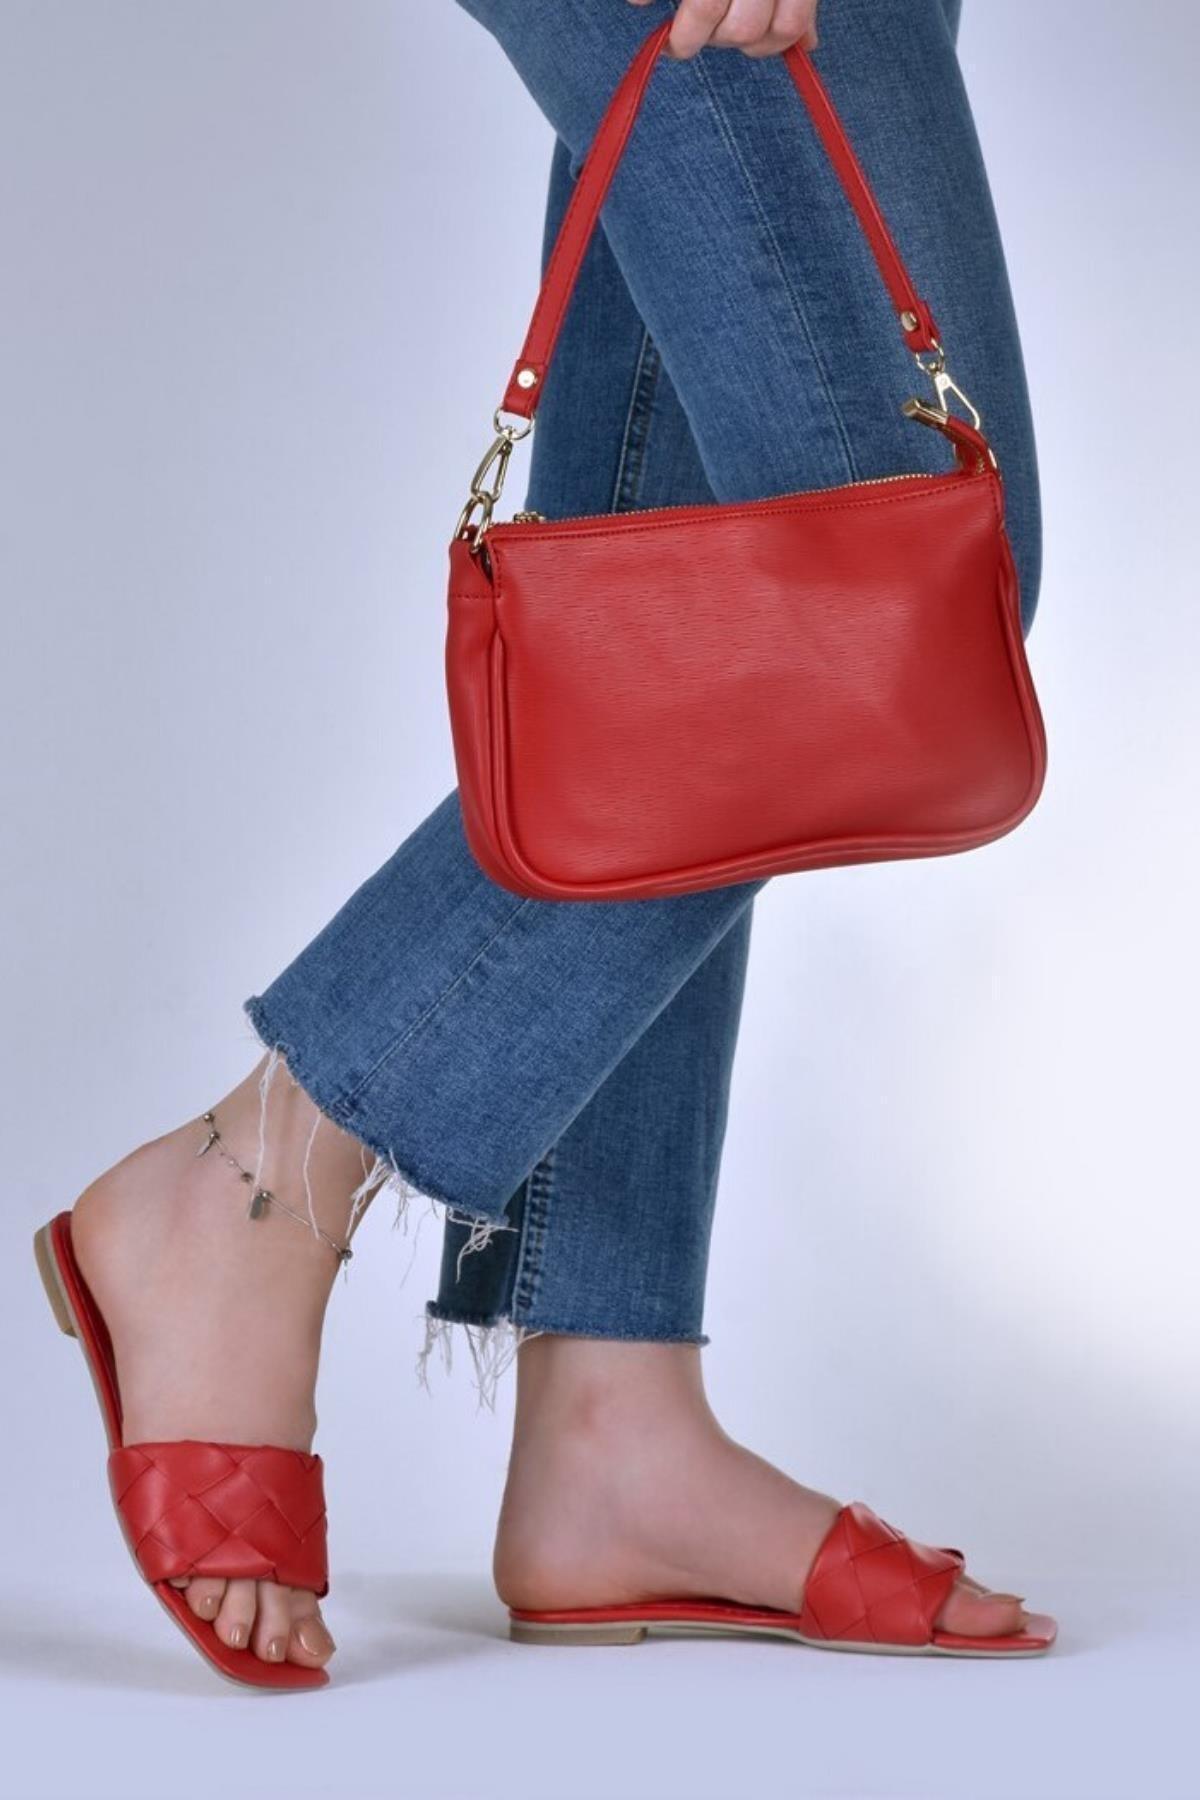 Çantaland Günlük Kullanıma Uygun, Şık Ve Rahat Baget Kadın Çanta 2